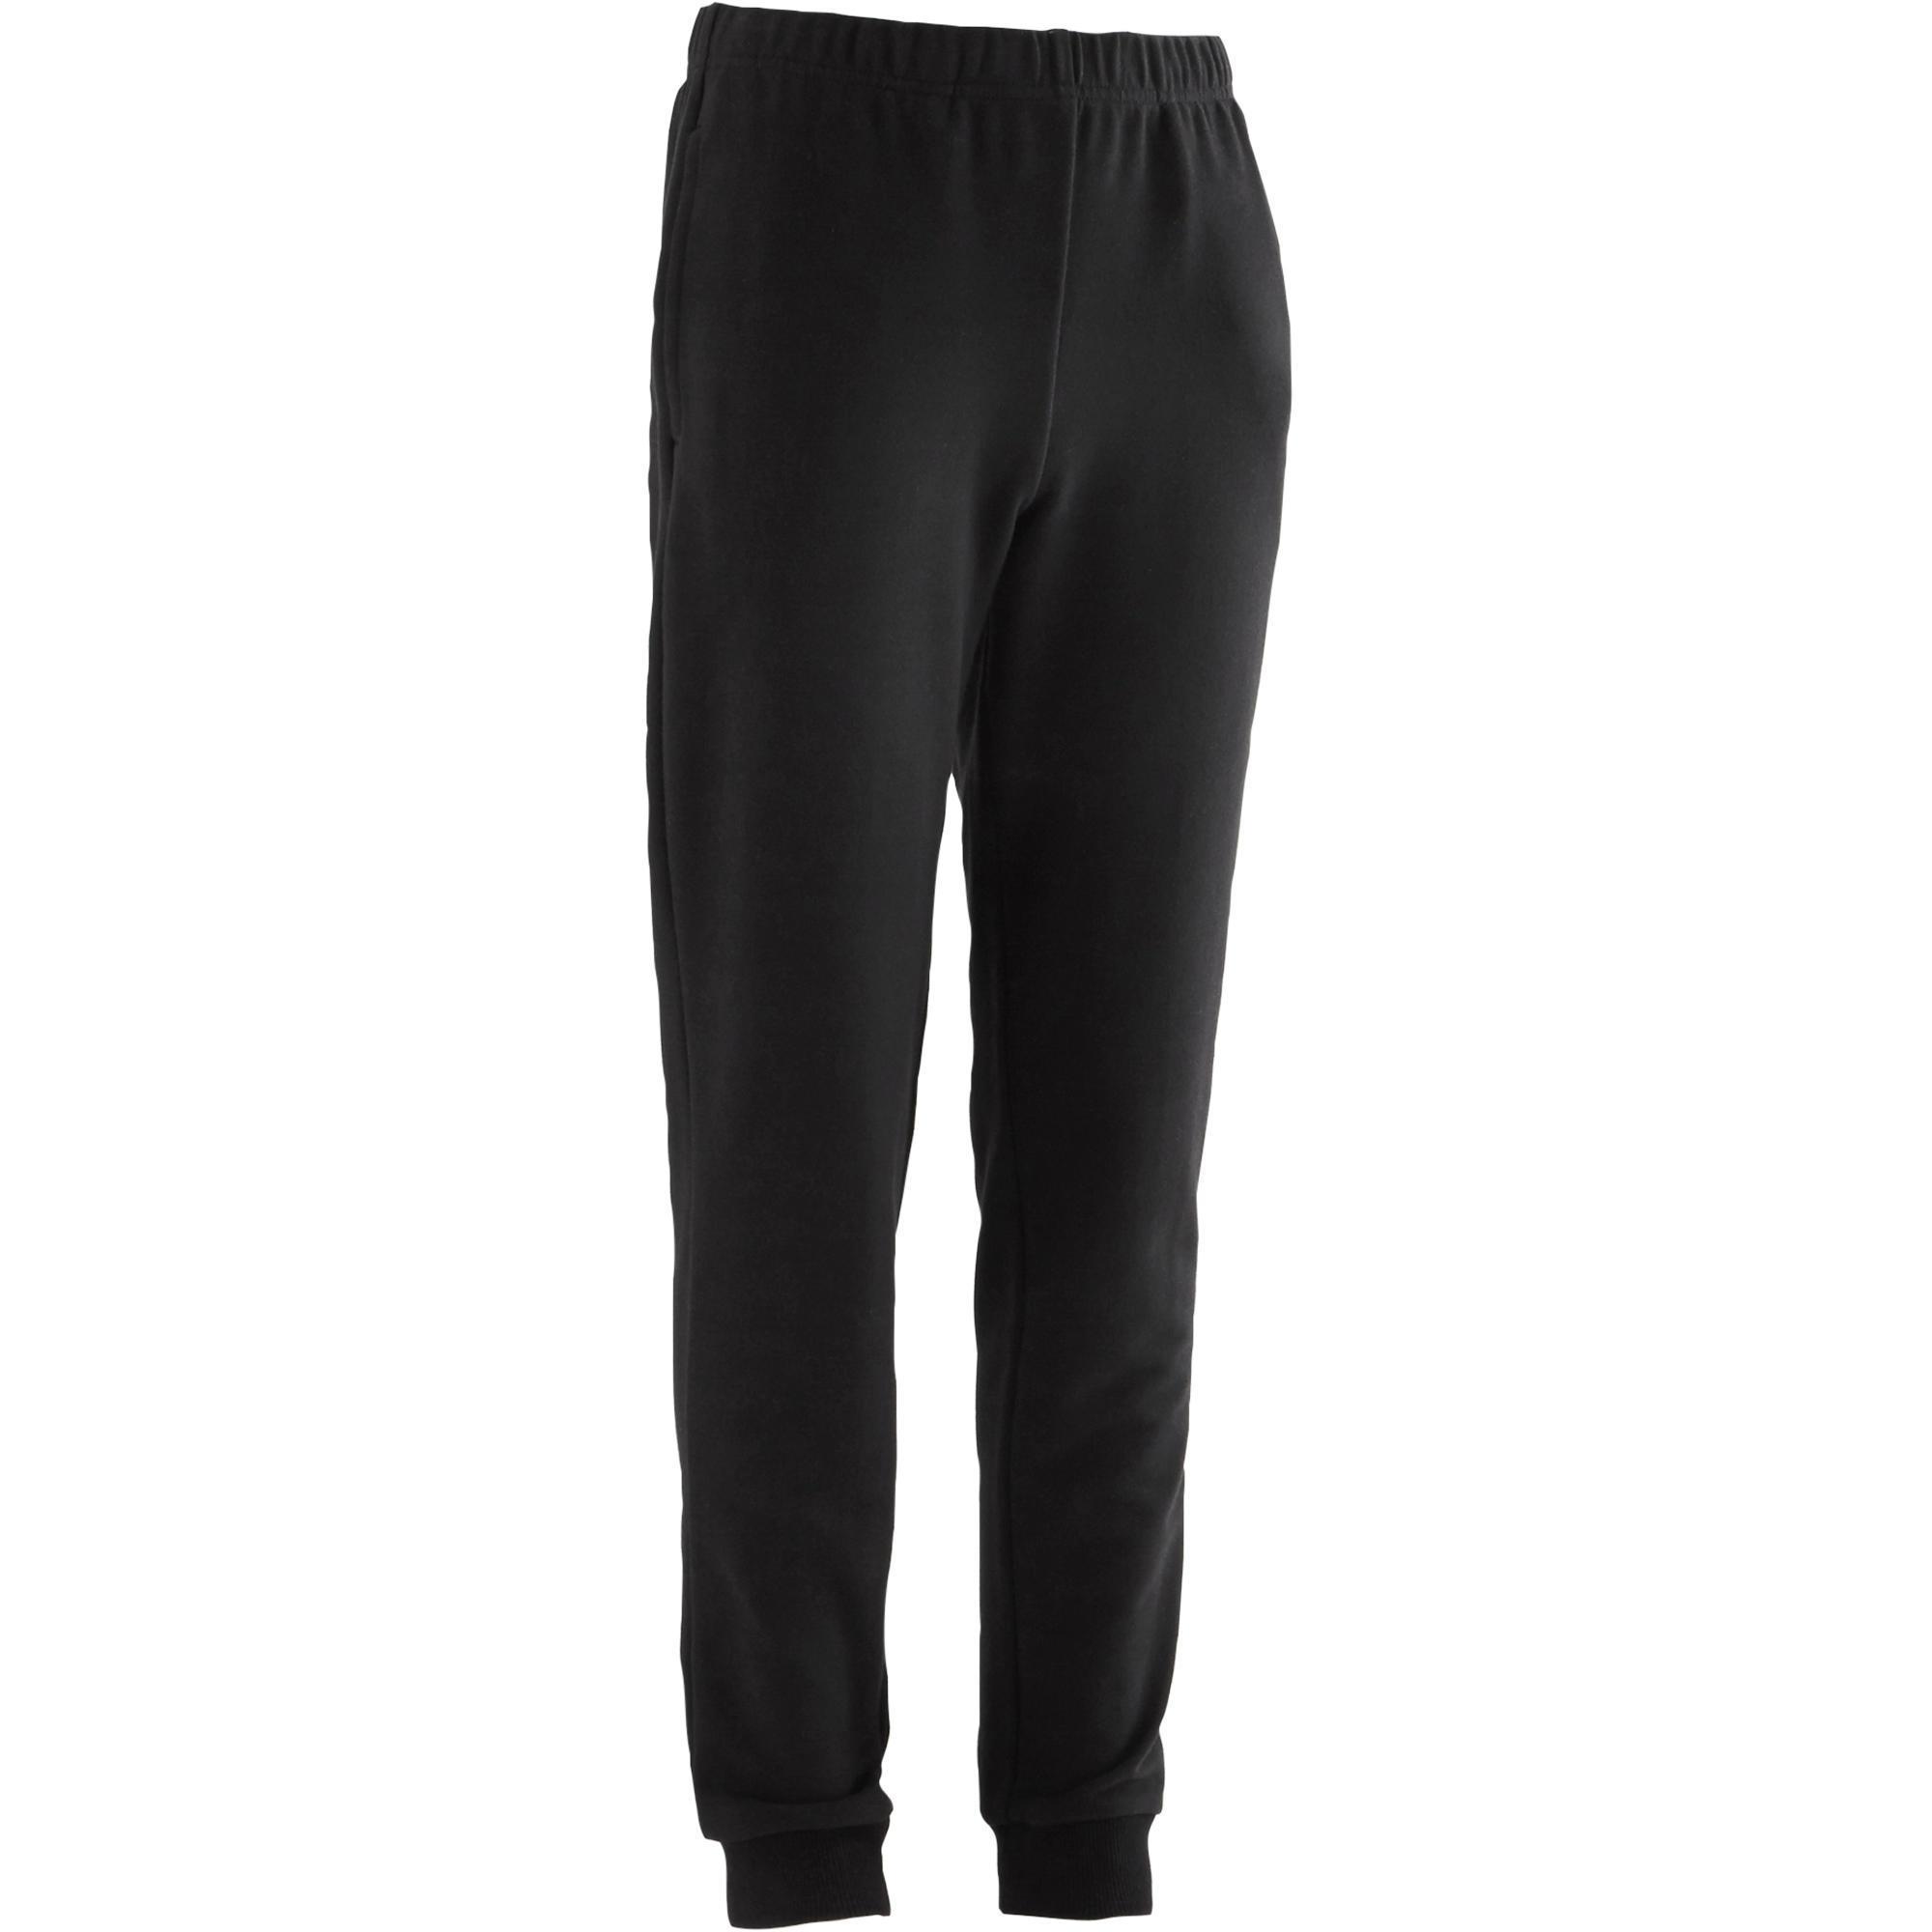 Pantalón 100 gimnasia negro niño  d37e940ee1c6